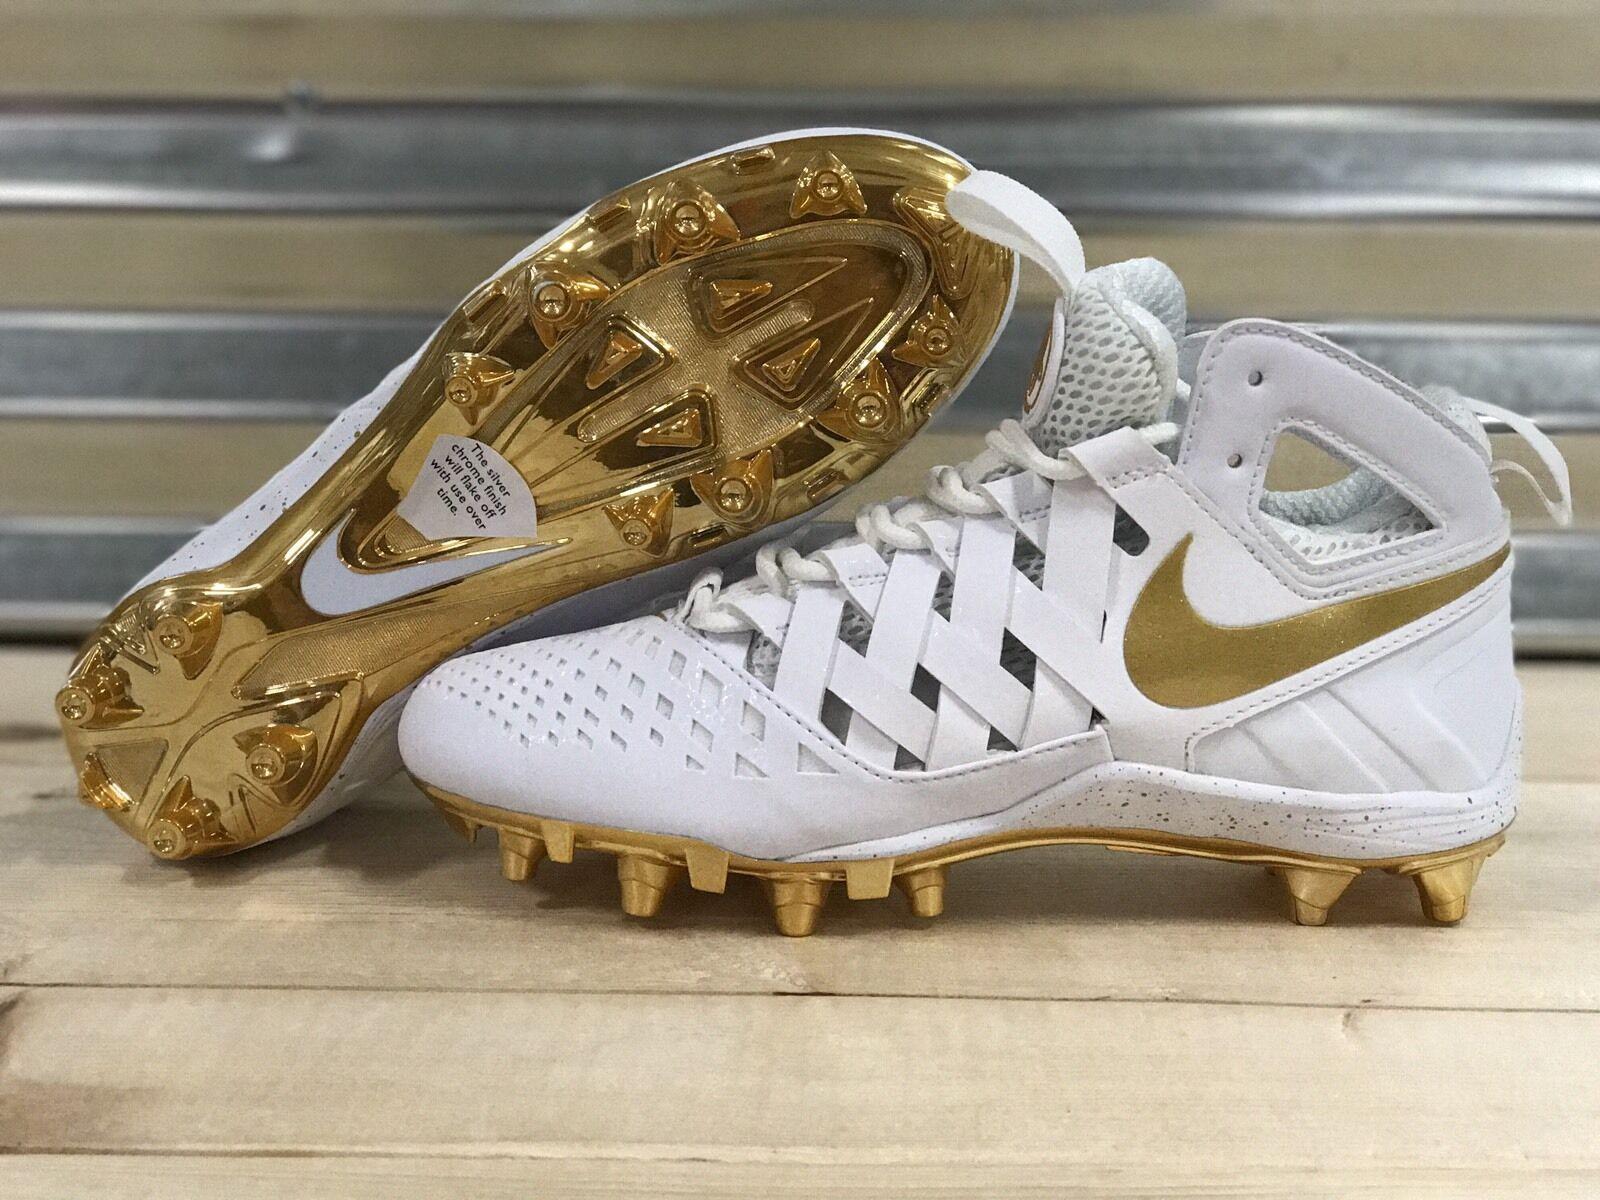 d86691e25b16fa Nike Huarache 5 Lacrosse Cleats White Metallic Gold Chrome SZ 16 (  807142-170 )